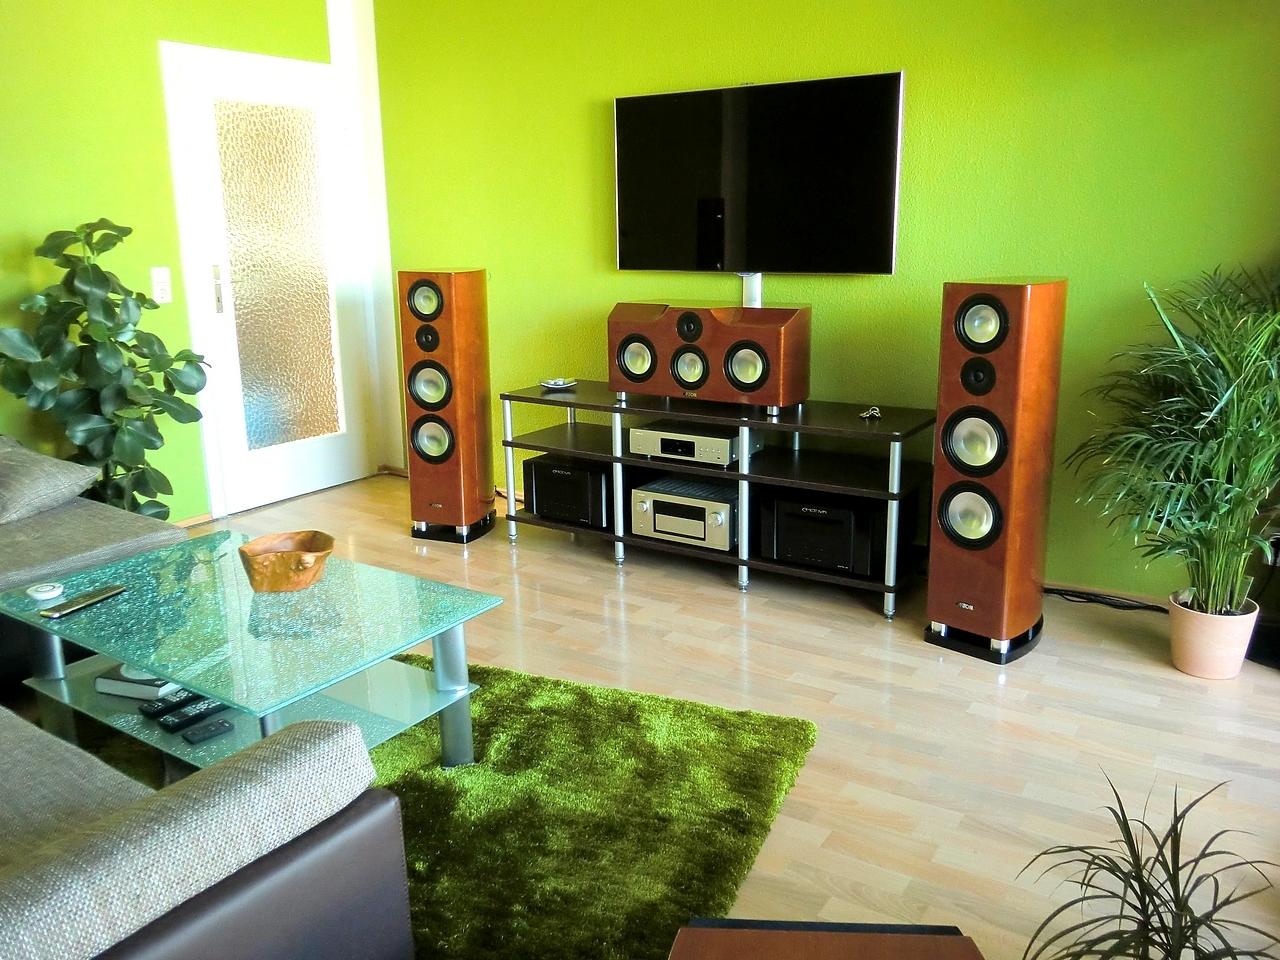 Mein wohnzimmer 850r canton canton reference creaktiv for Mein wohnzimmer